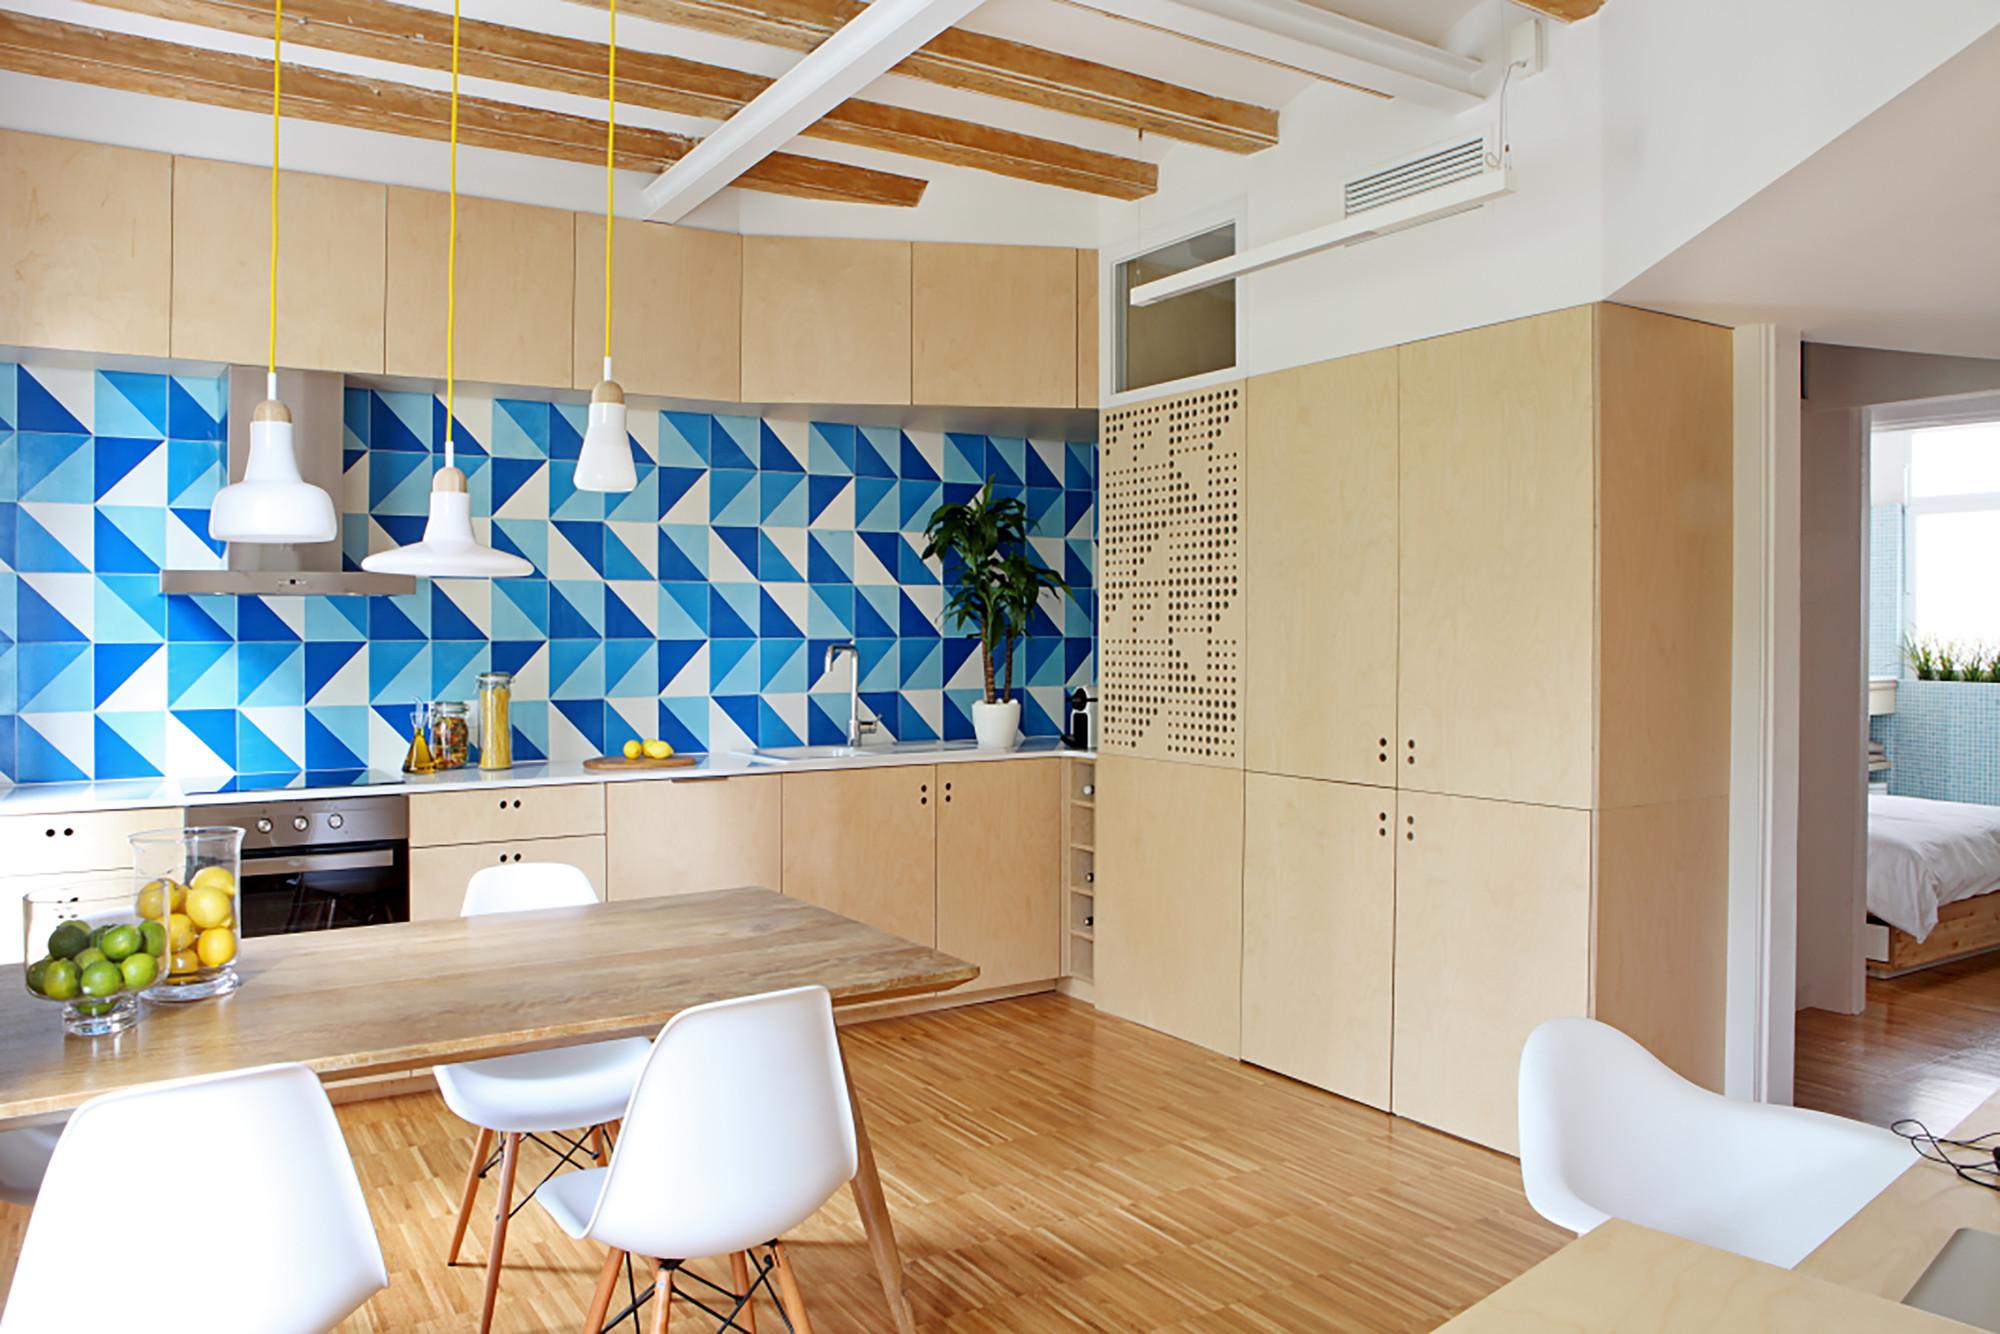 Piso Pujades11 / Miel Arquitectos + Studio P10